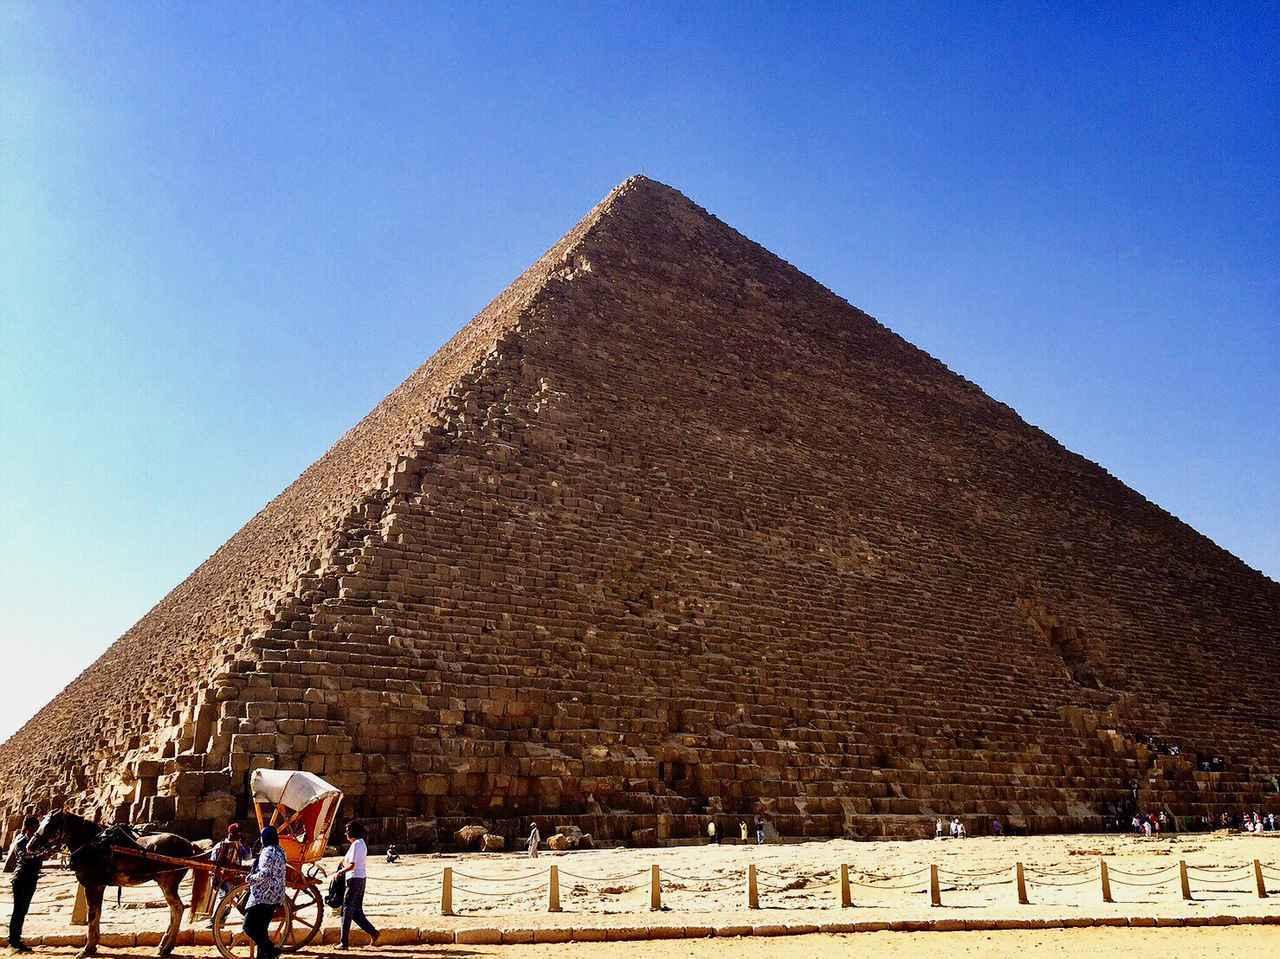 画像: 【エジプト】最新の現地情報~新型コロナウイルス対策をご紹介~【随時更新】(2020年6月24日時点) - クラブログ ~スタッフブログ~ クラブツーリズム